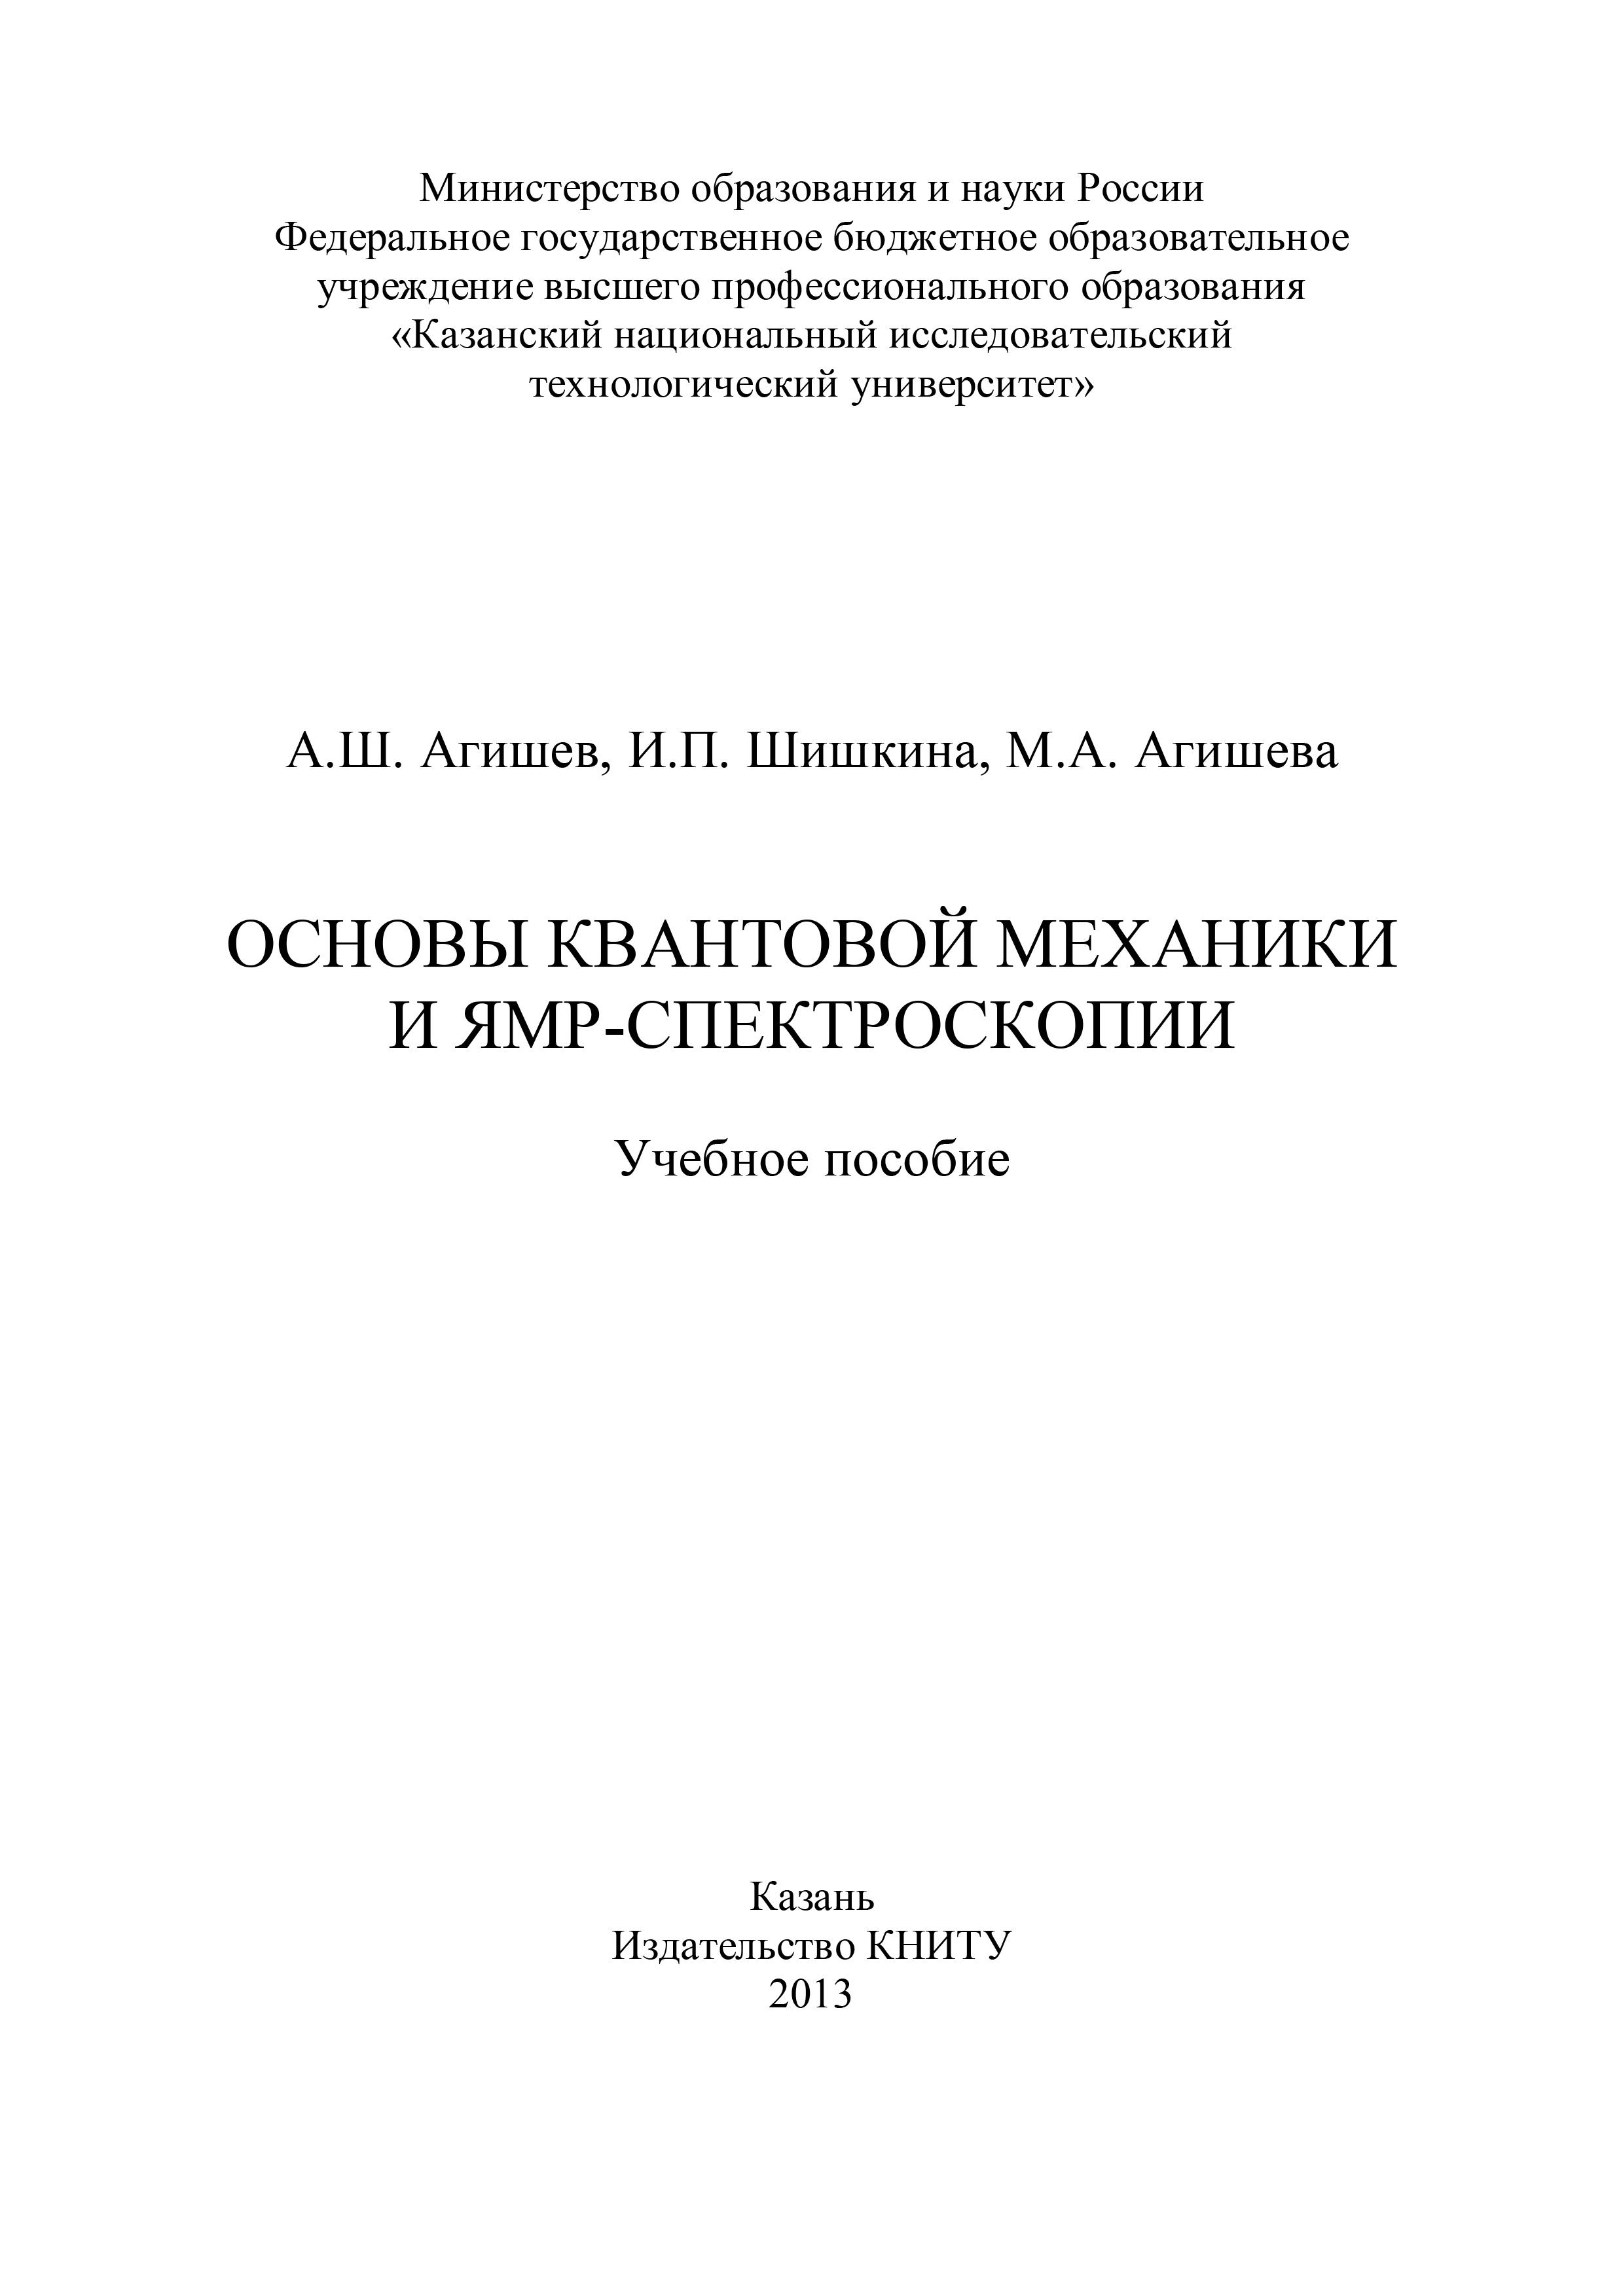 купить И. П. Шишкина Основы квантовой механики и ЯМР-спектроскопии онлайн